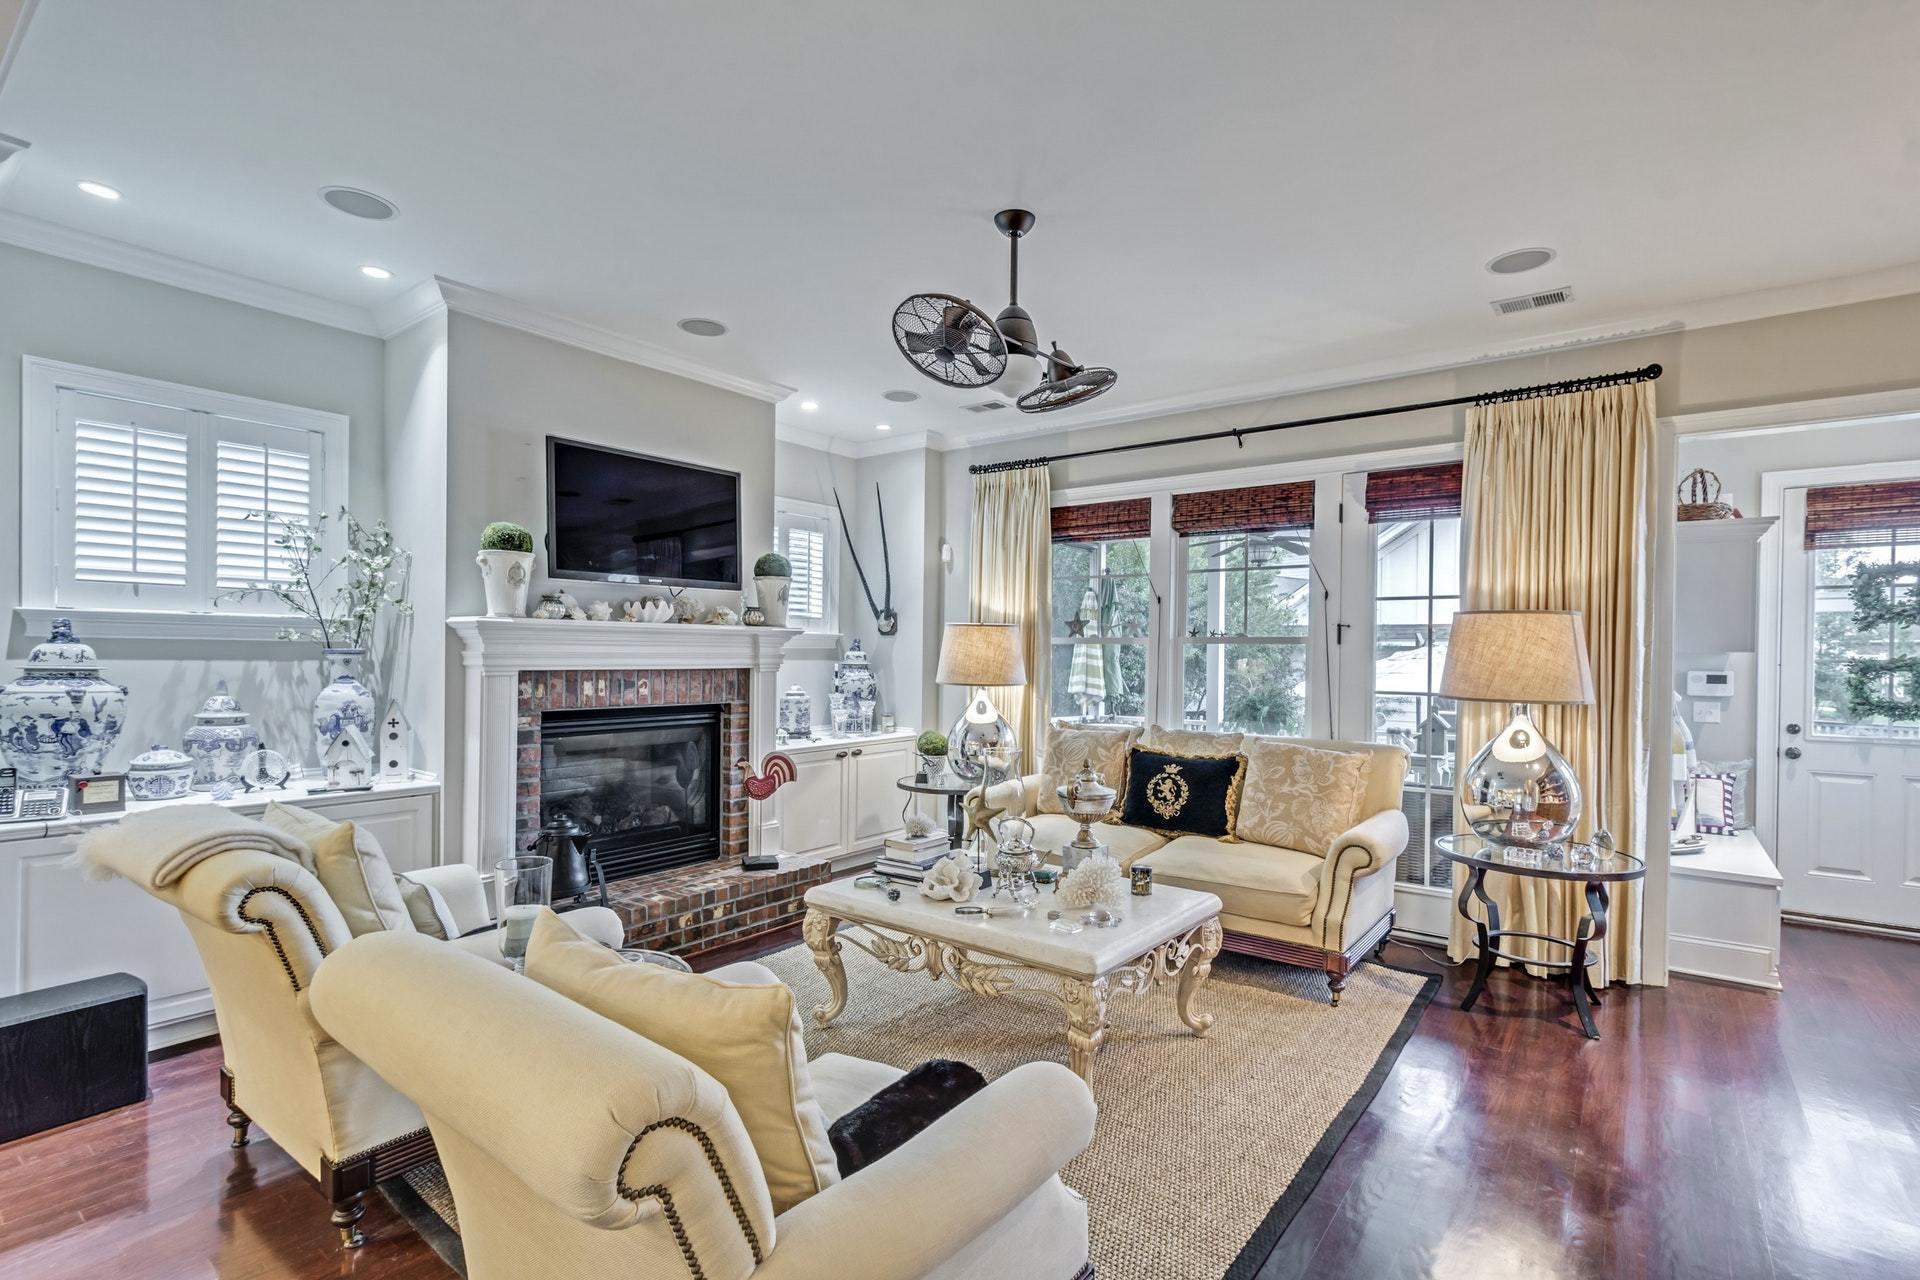 Dunes West Homes For Sale - 2816 River Vista, Mount Pleasant, SC - 9